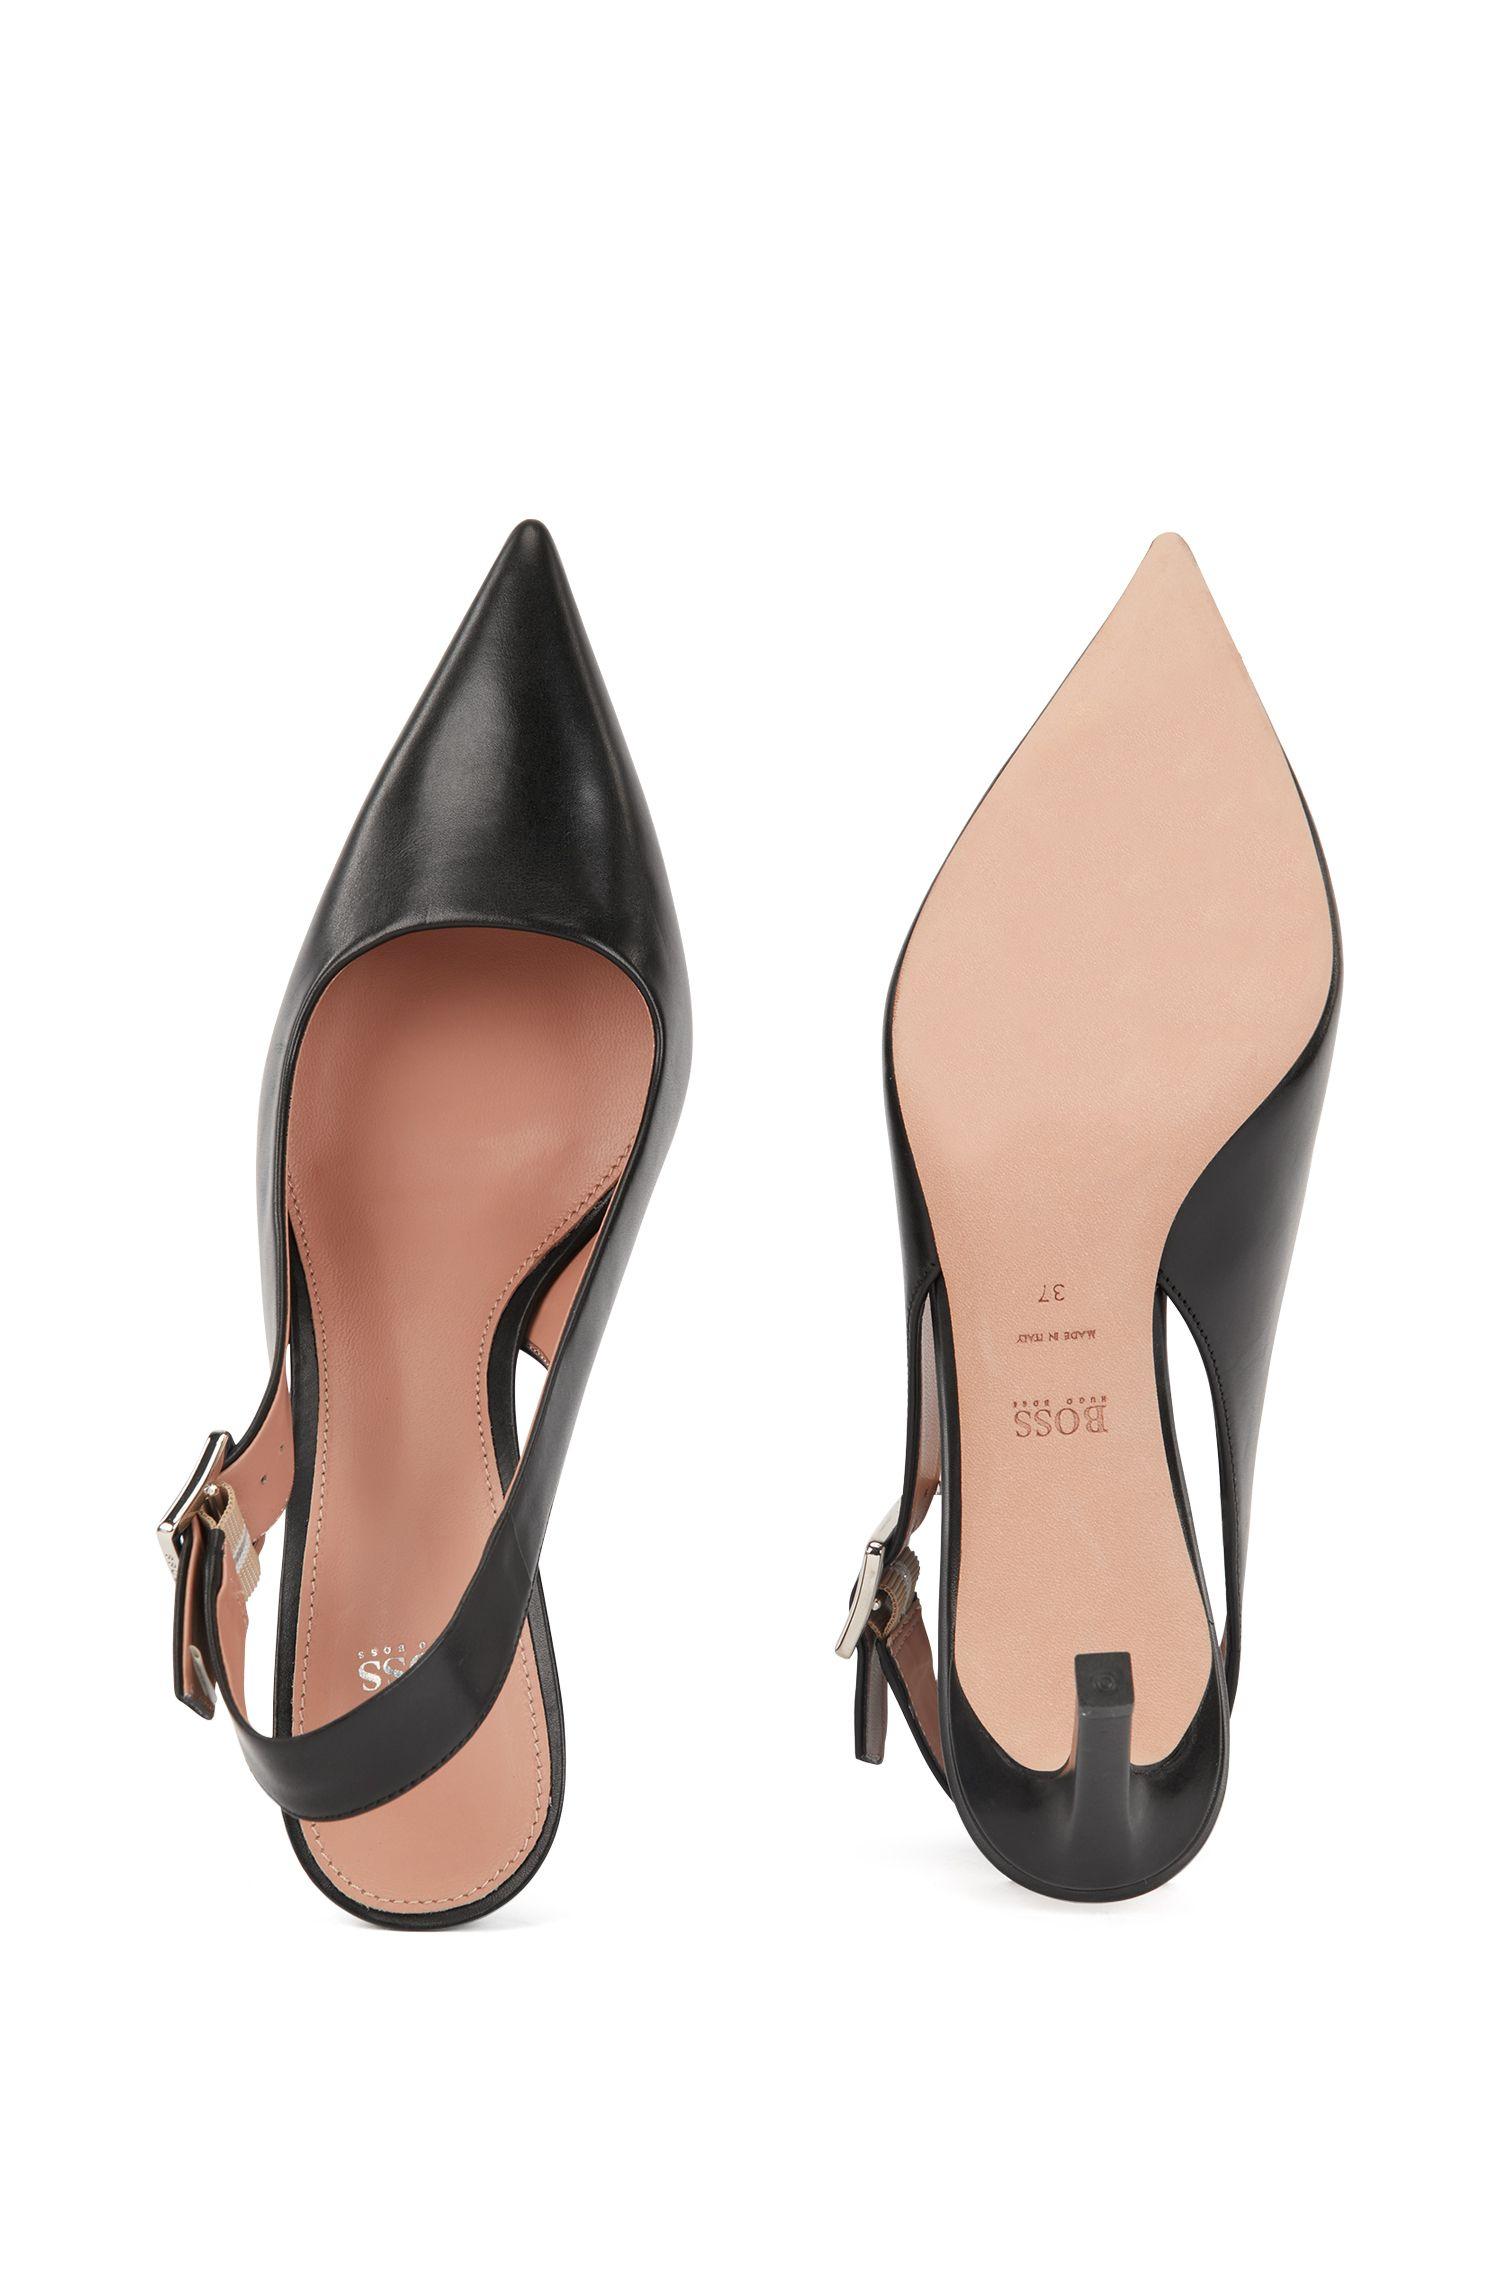 Hugo Boss - Zapatos de salón de talón abierto en piel de becerro con detalle de hebilla - 4